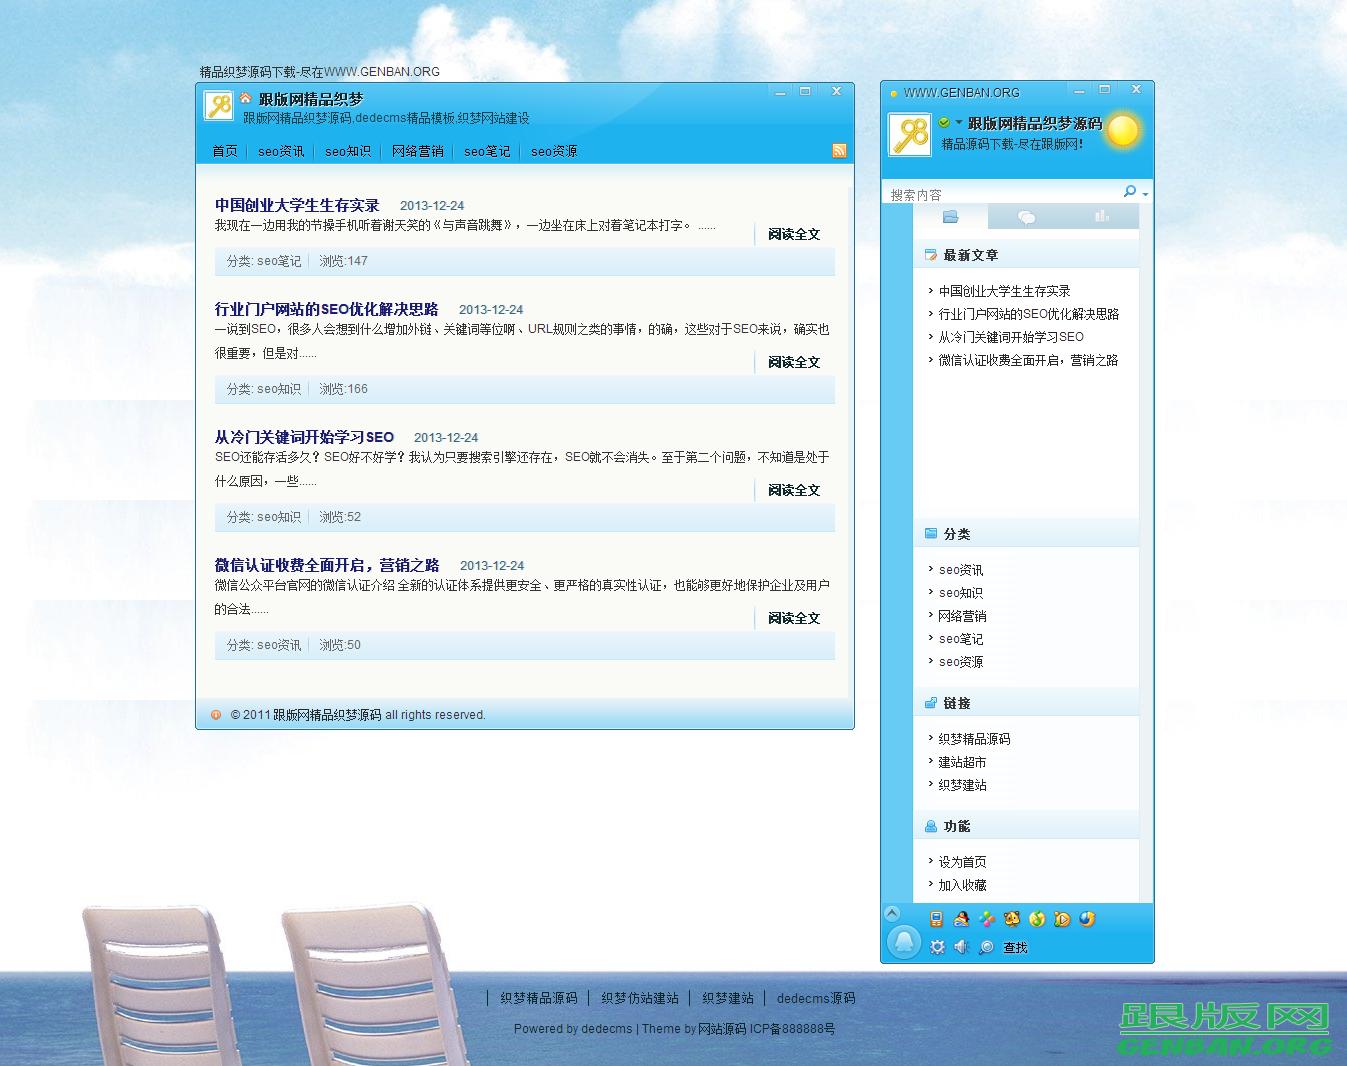 蓝色漂亮风格织梦文章资讯网站-QQ面板风格织梦模板